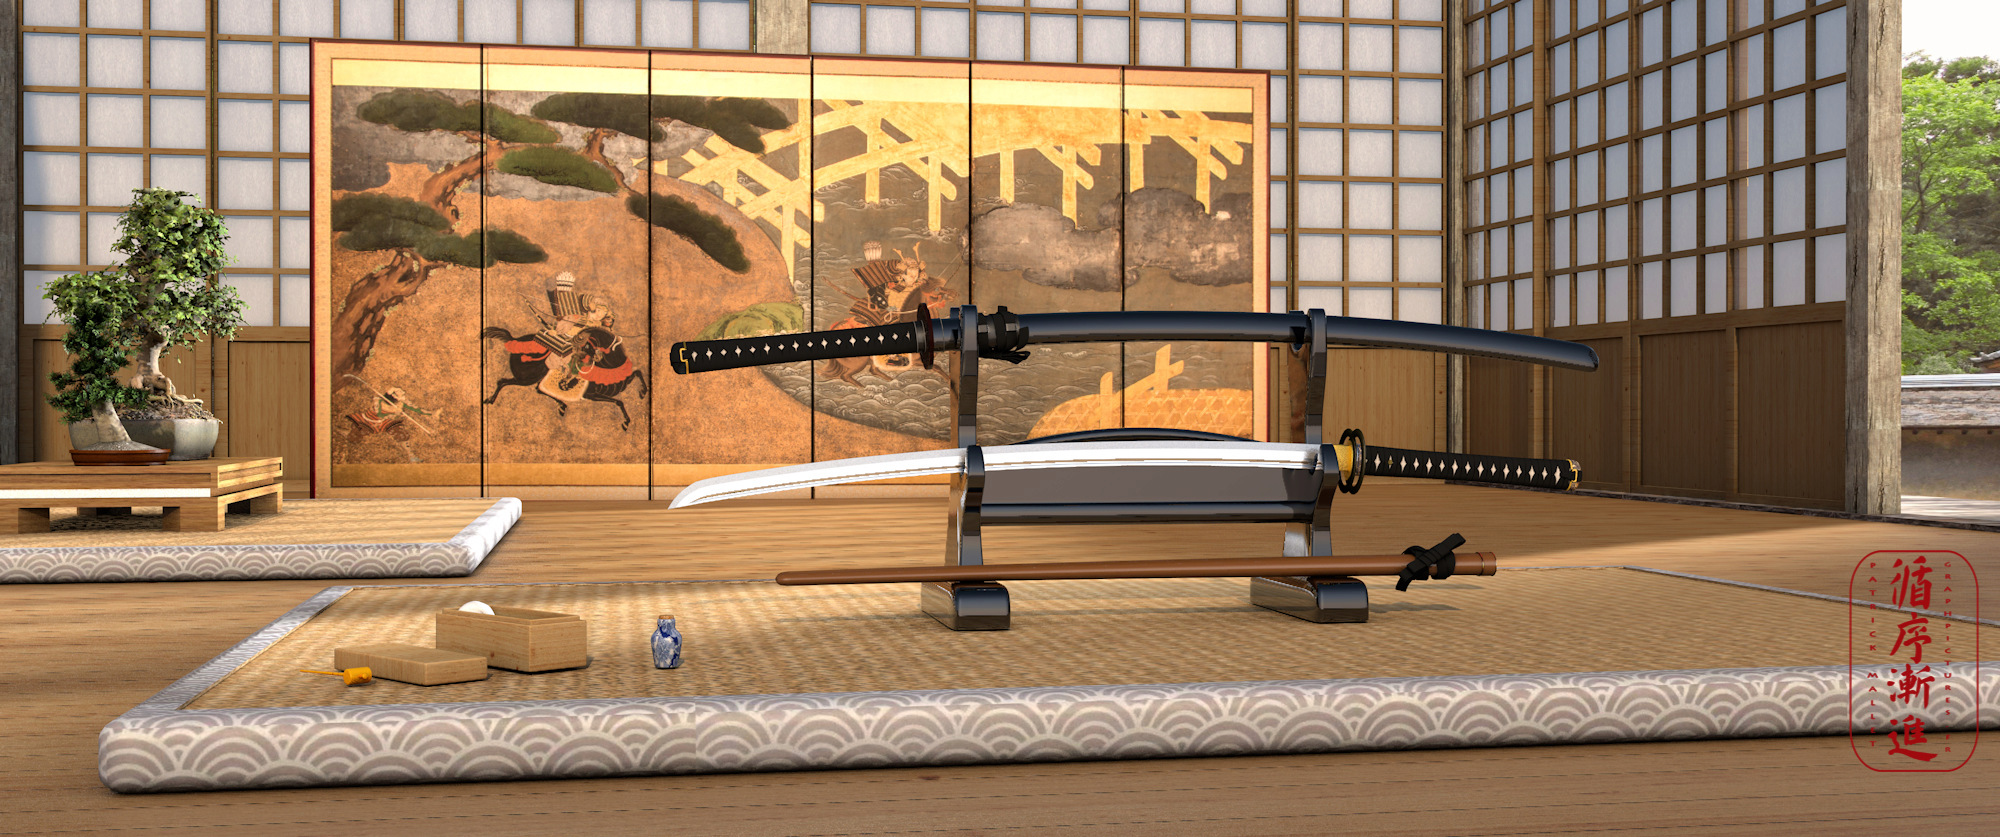 ma vision du  japon - Page 2 Bonsai12